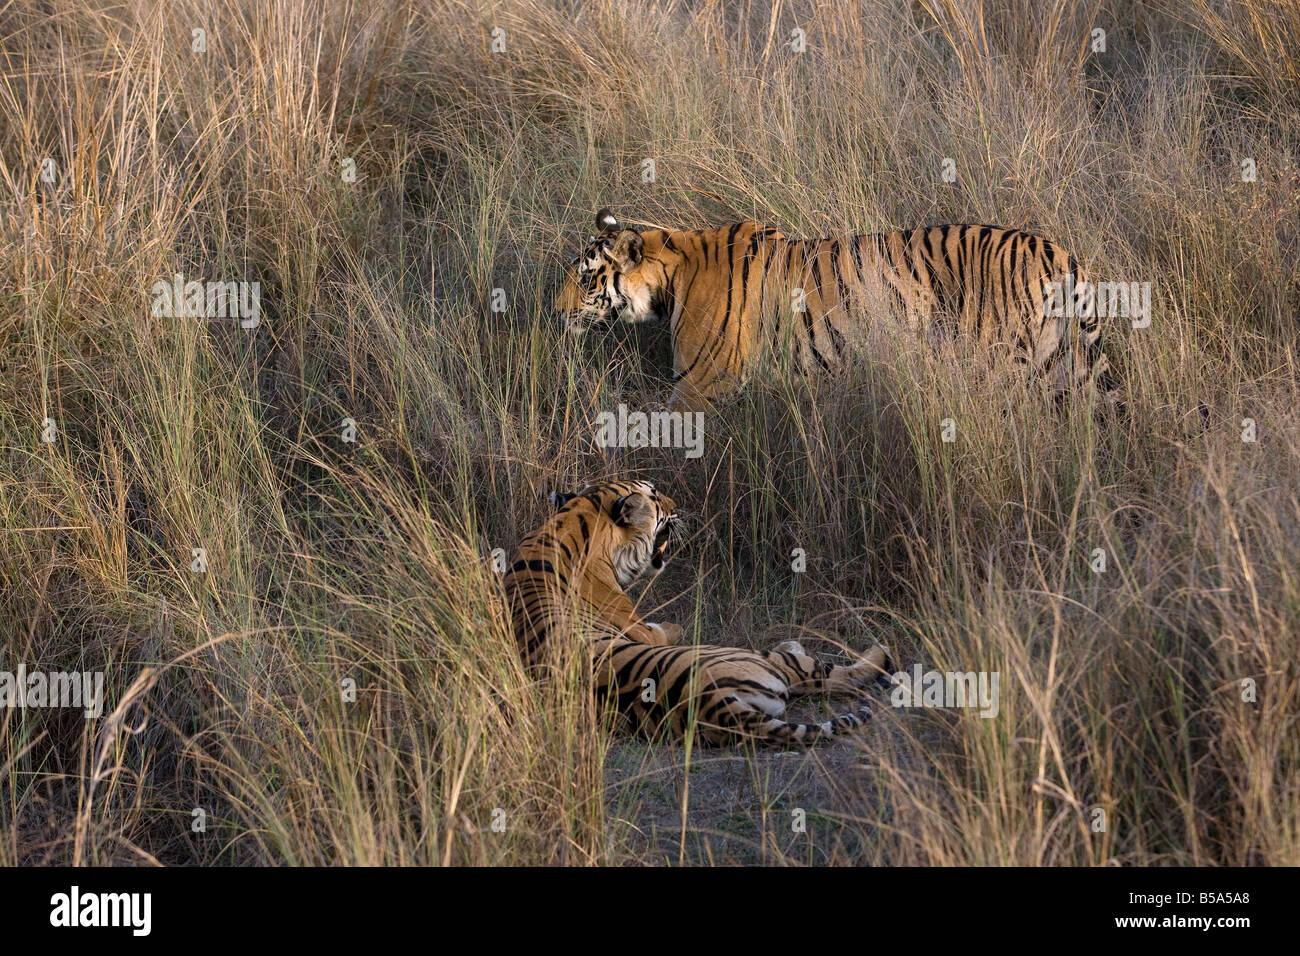 Indian Tiger (tigre del Bengala) (Panthera tigris tigris) sbadigli, Bandhavgarh National Park, Madhya Pradesh, India Immagini Stock